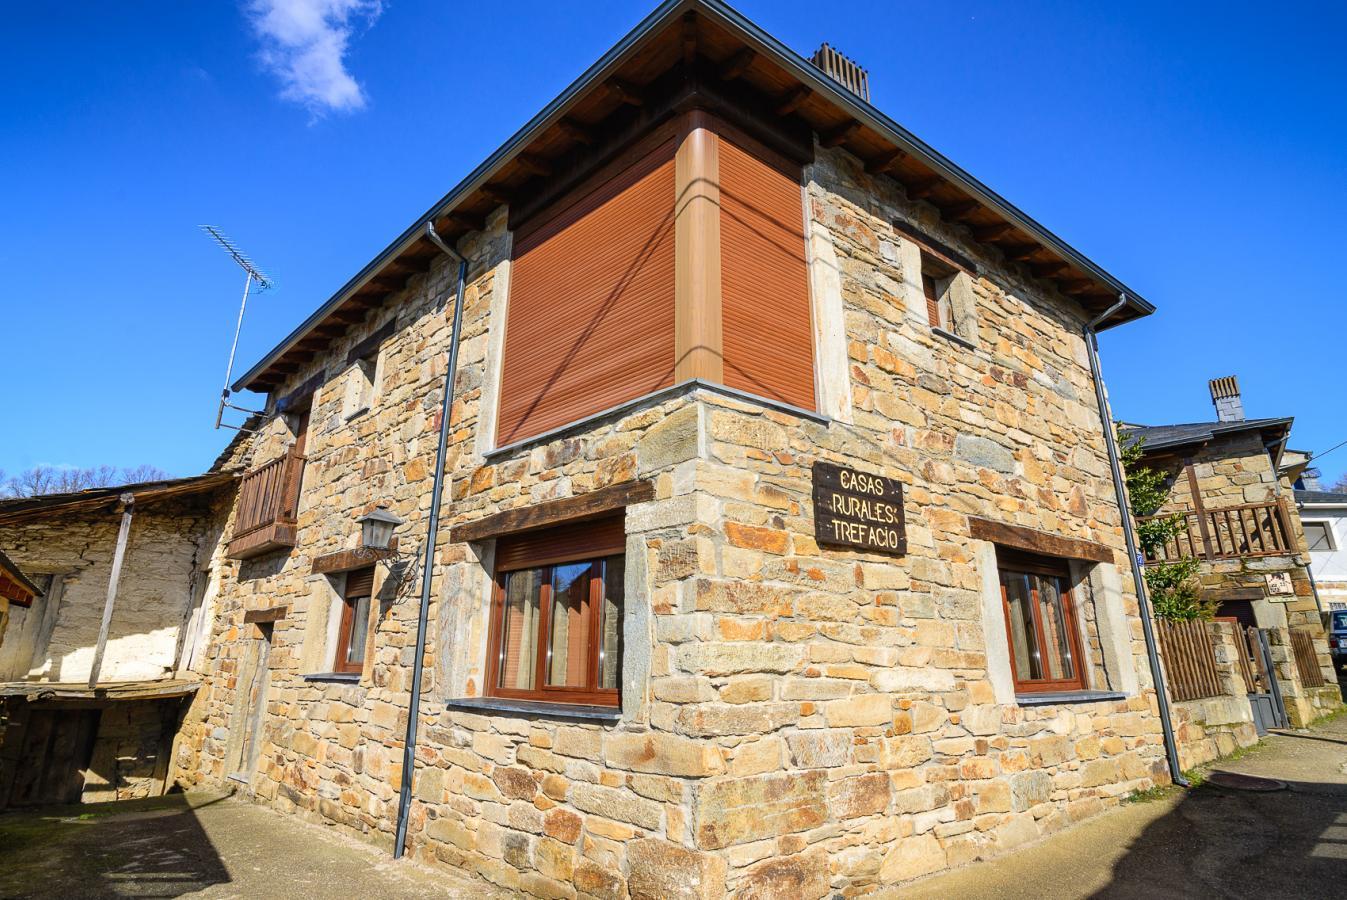 Fotos de casas rurales trefacio casa rural en trefacio - Fotos casas rurales ...